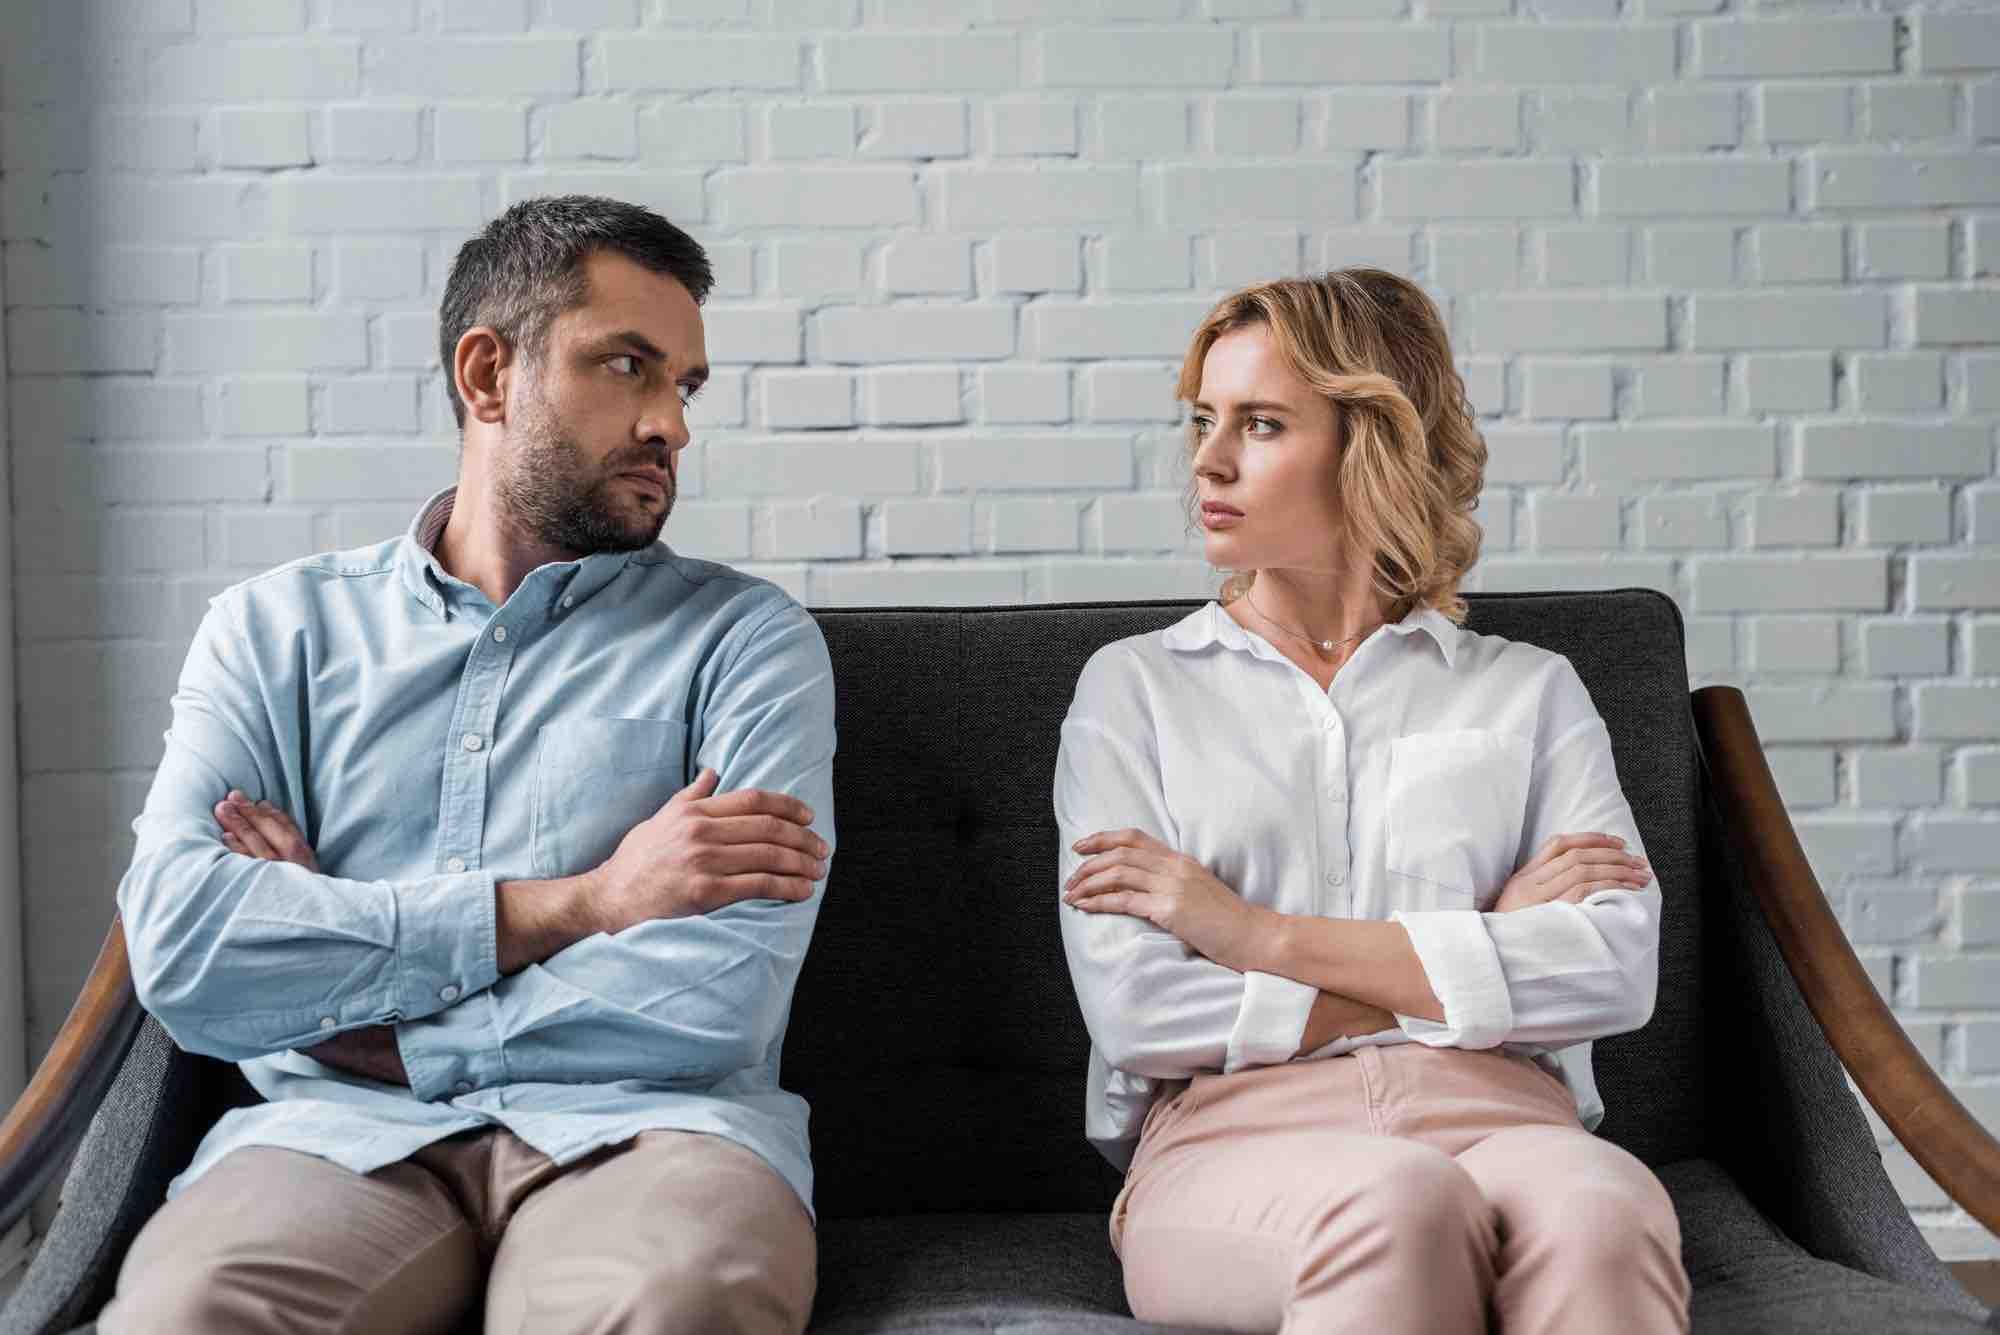 Scheidung kosten wer zahlt